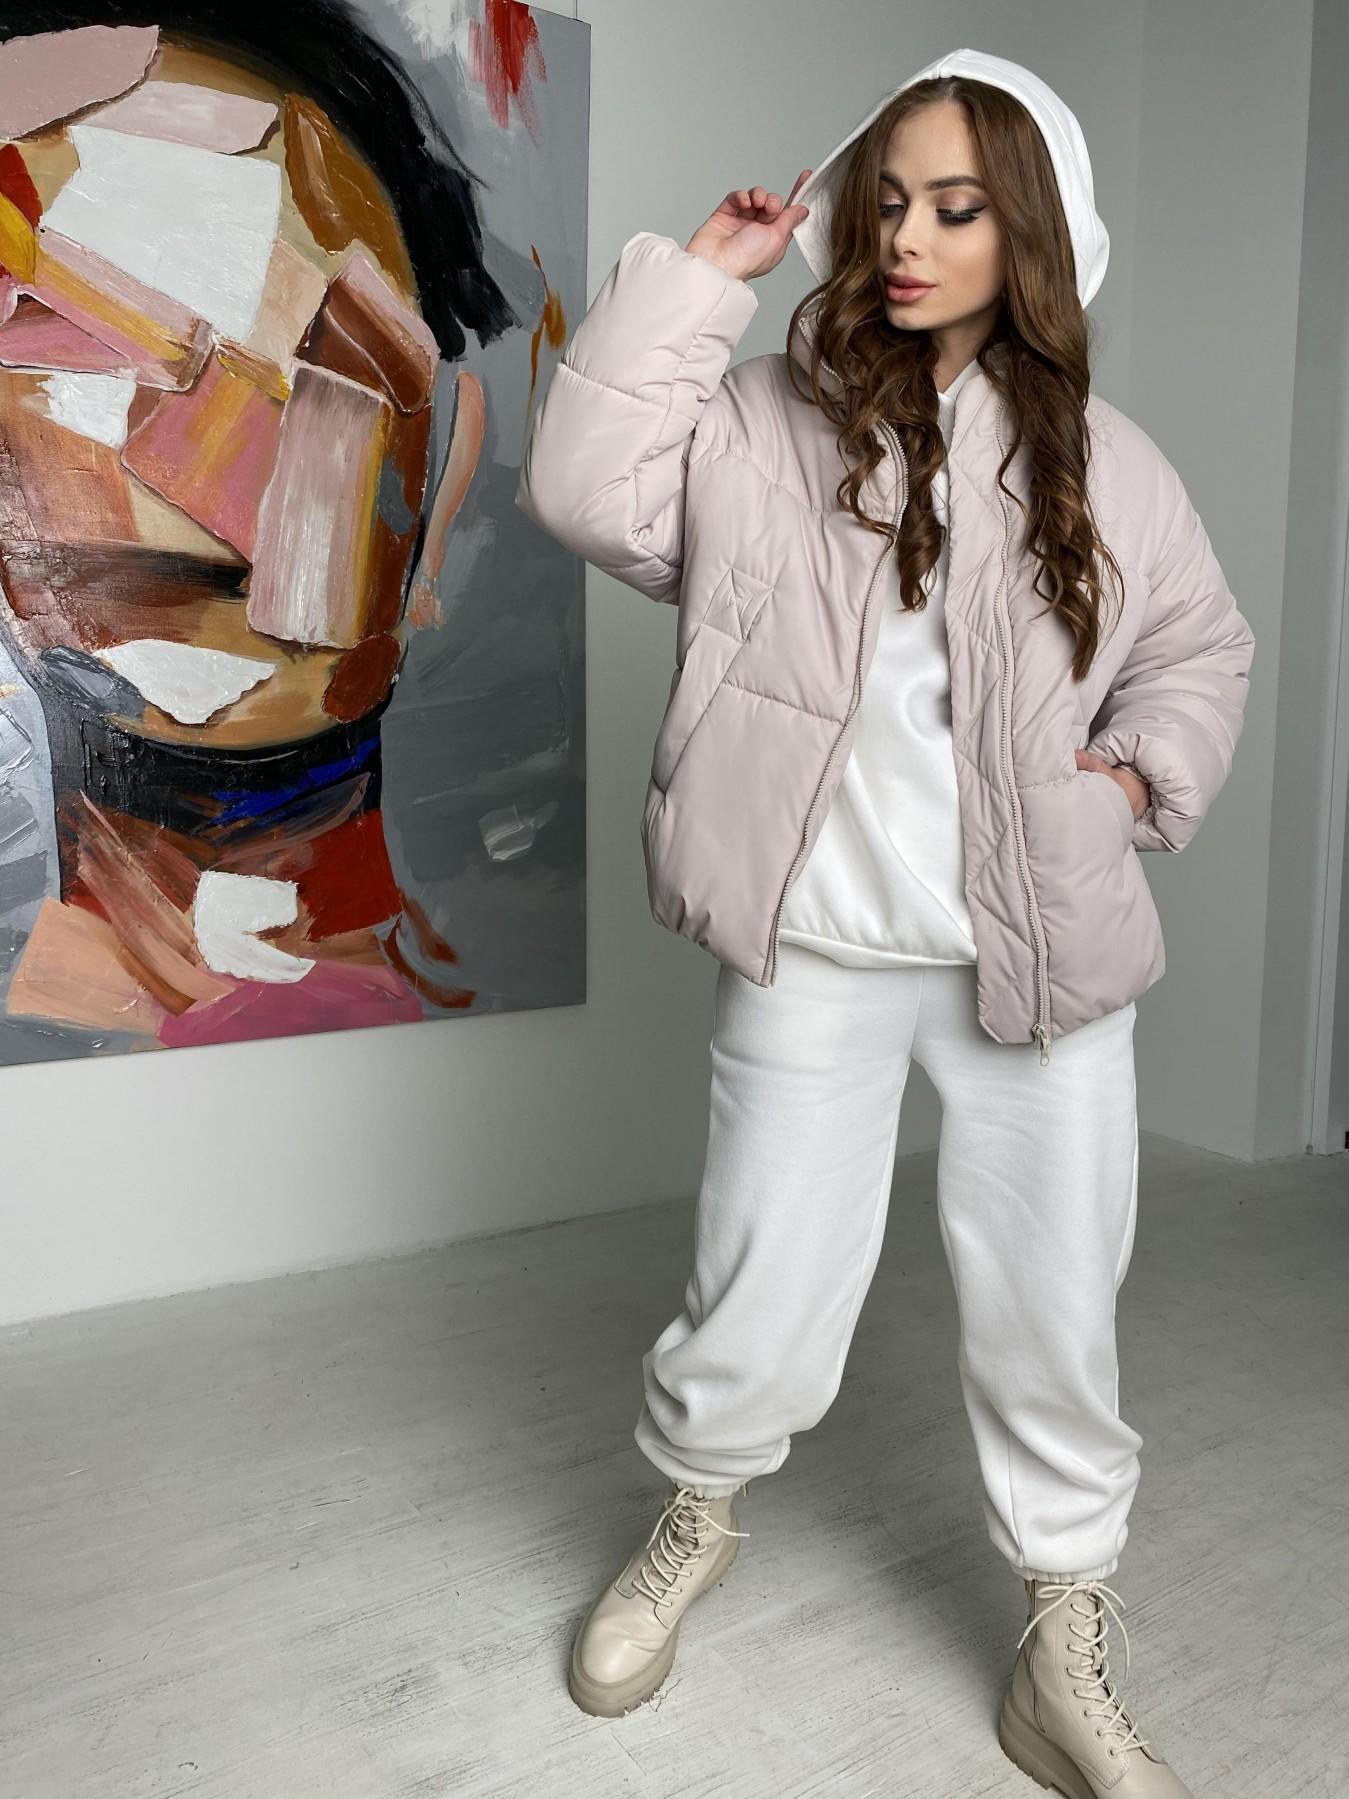 Муд куртка из плащевой ткани 10509 АРТ. 46853 Цвет: Бежевый 511 - фото 8, интернет магазин tm-modus.ru